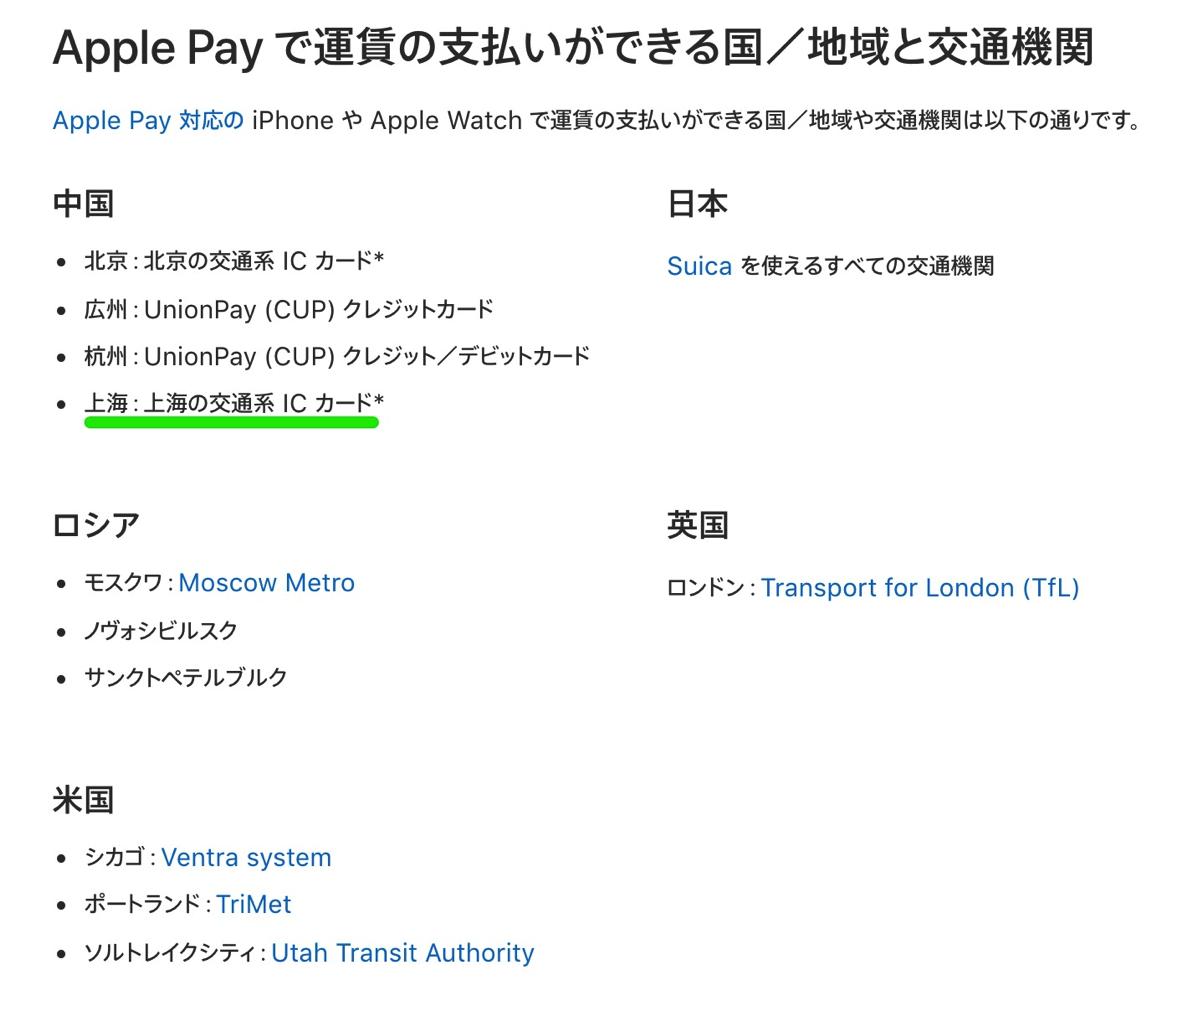 Apple Pay で運賃の支払いができる国/地域と交通機関